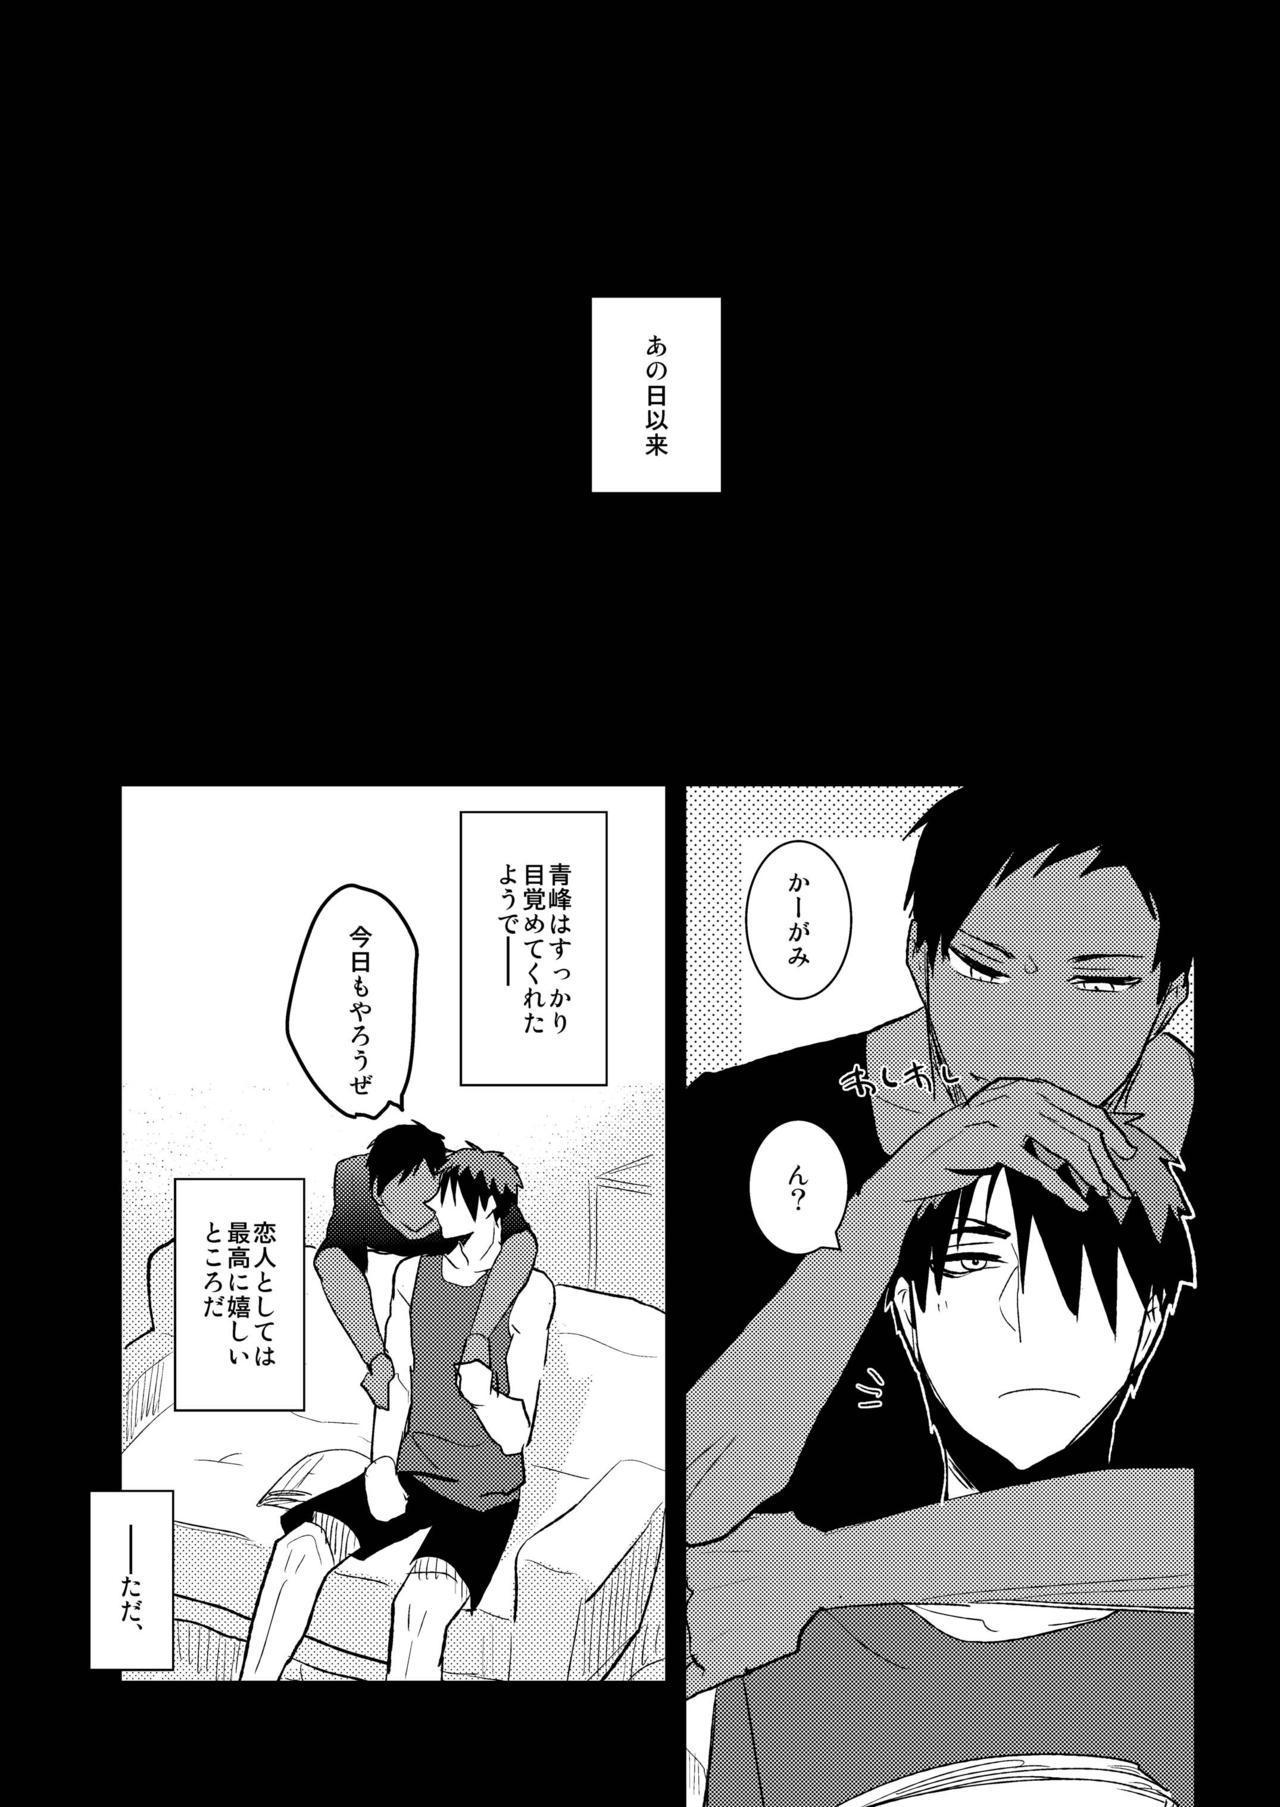 Kagami-kun no Ero hon 7 Gobusata no Kare mo Kore de Ippatsu Marude Kemono no Youna Hatsujou Sekkusu senyou Biyaku 21